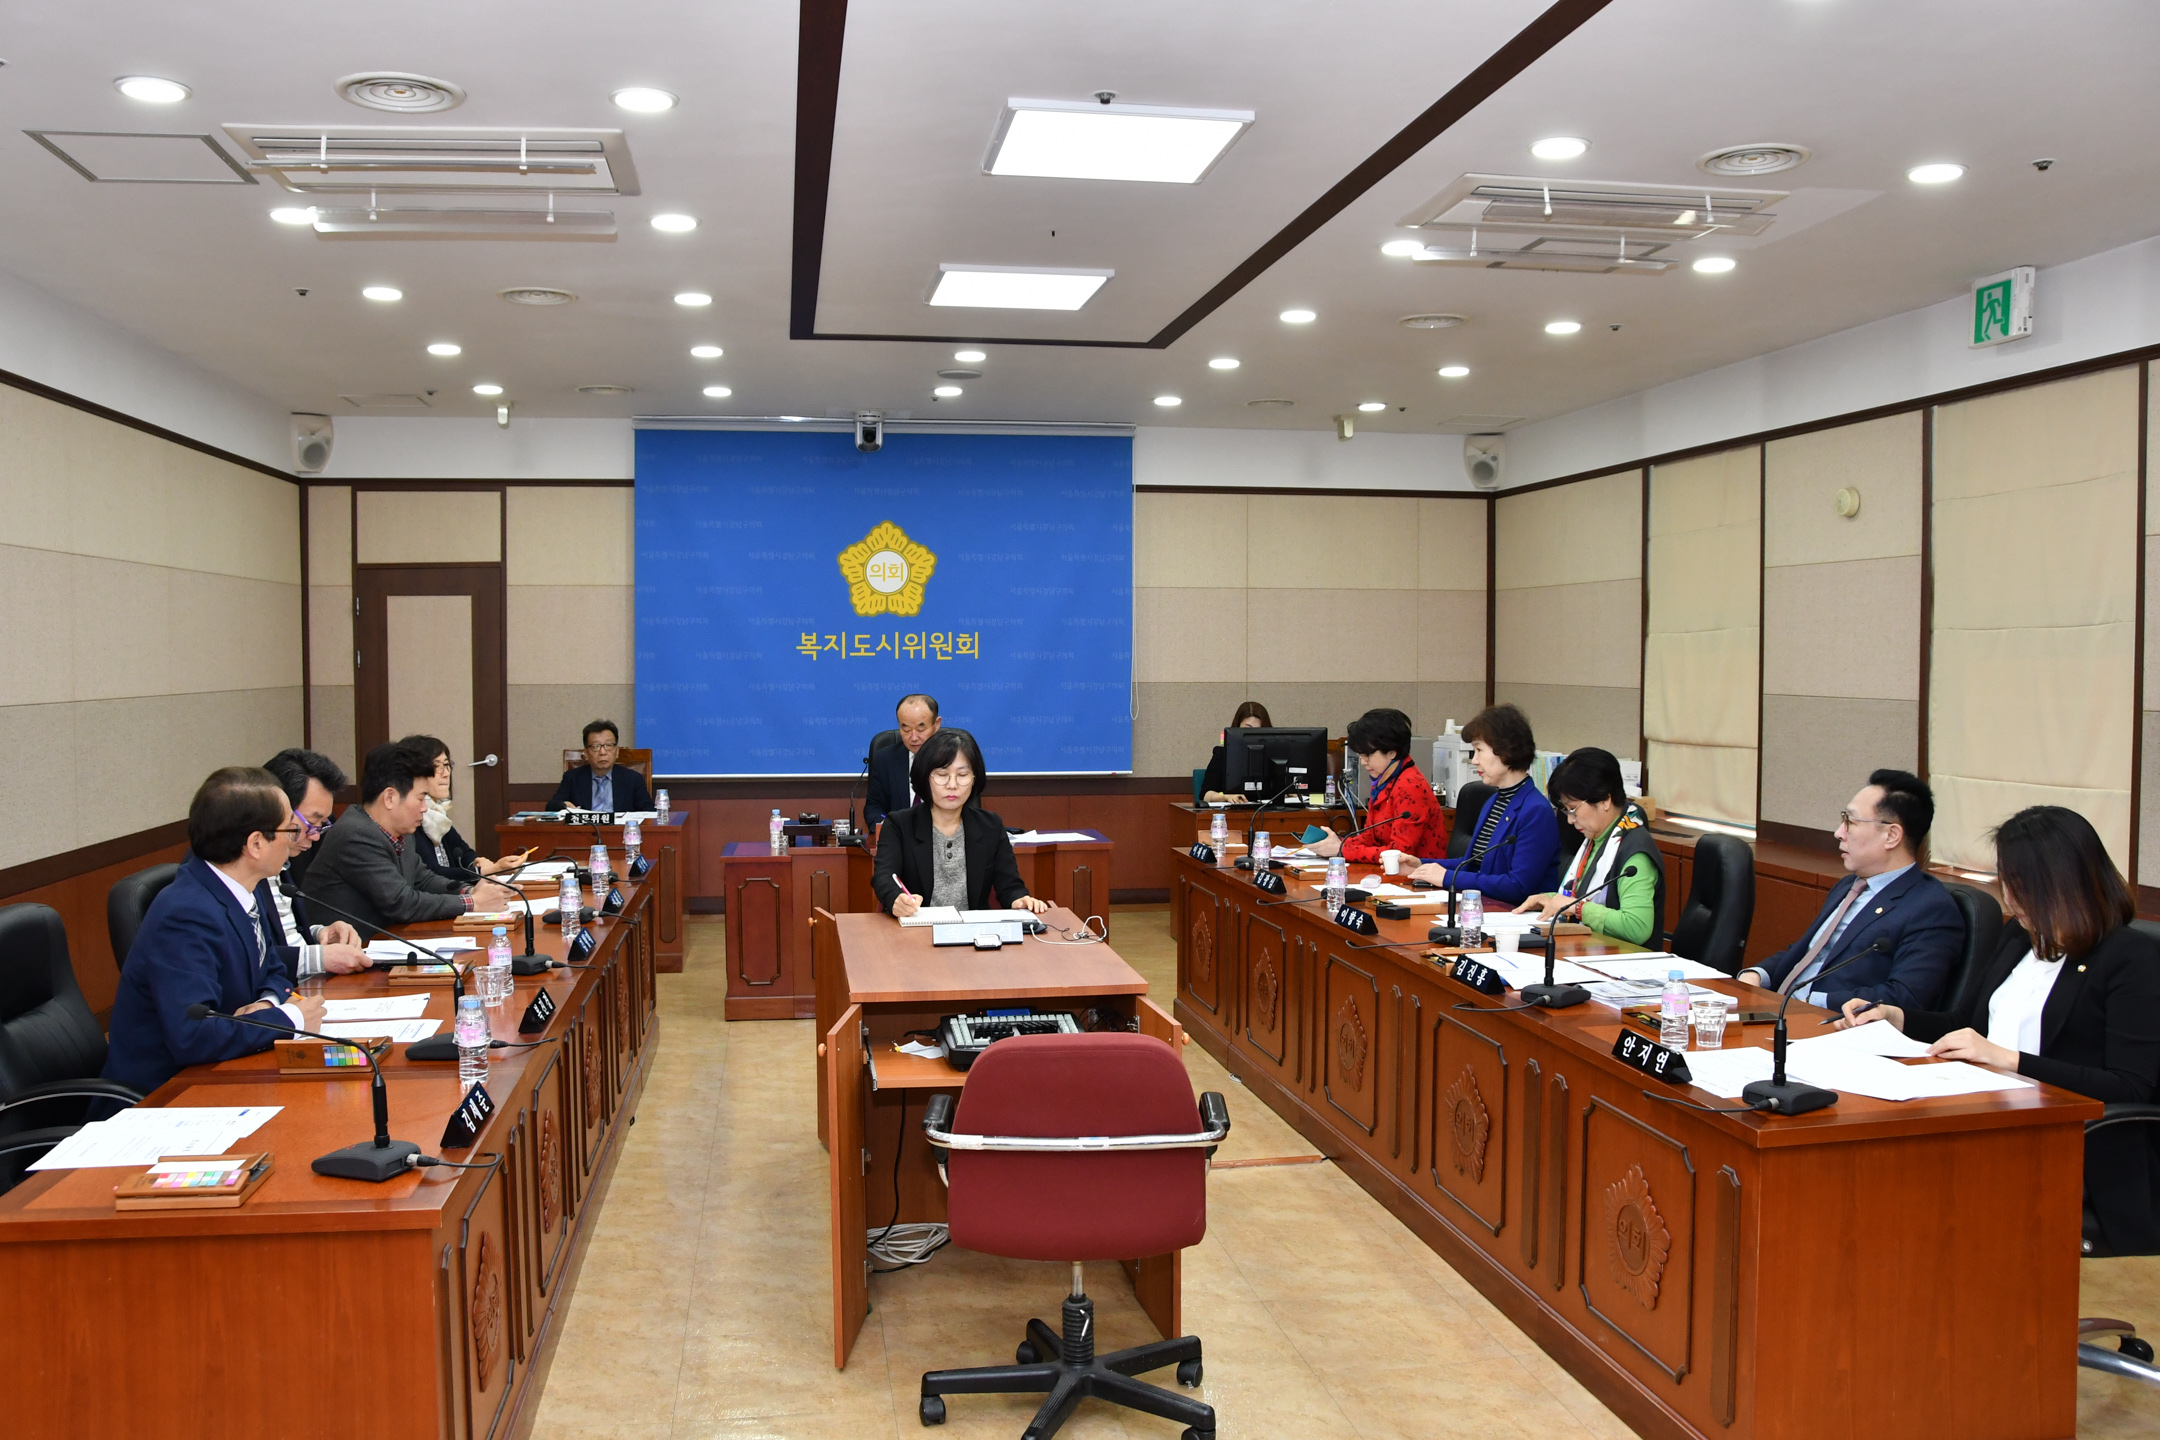 제275회 임시회 복지도시위원회 GNC_3238.jpg